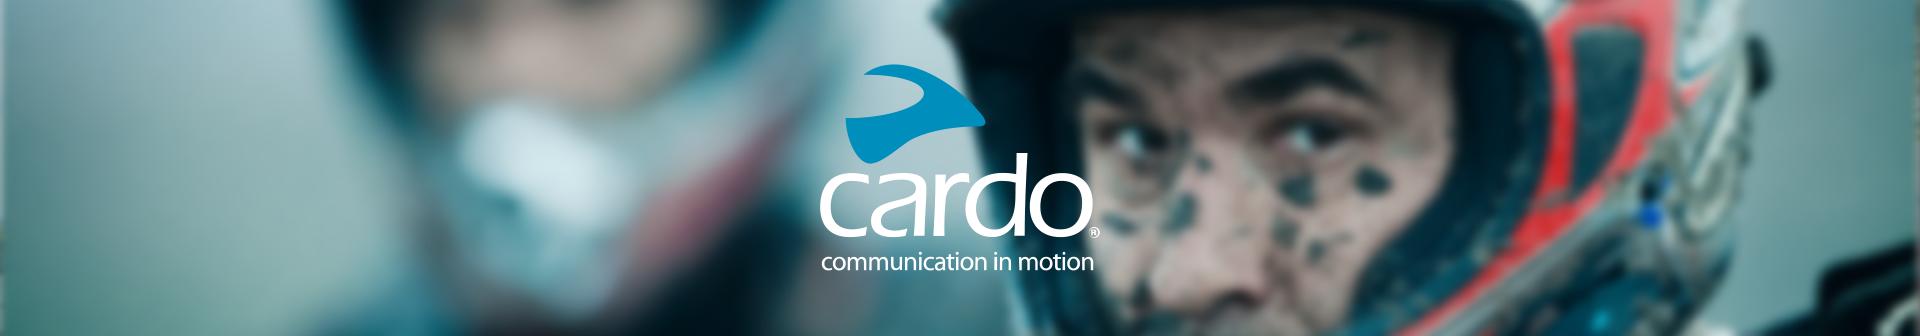 Cardo banner